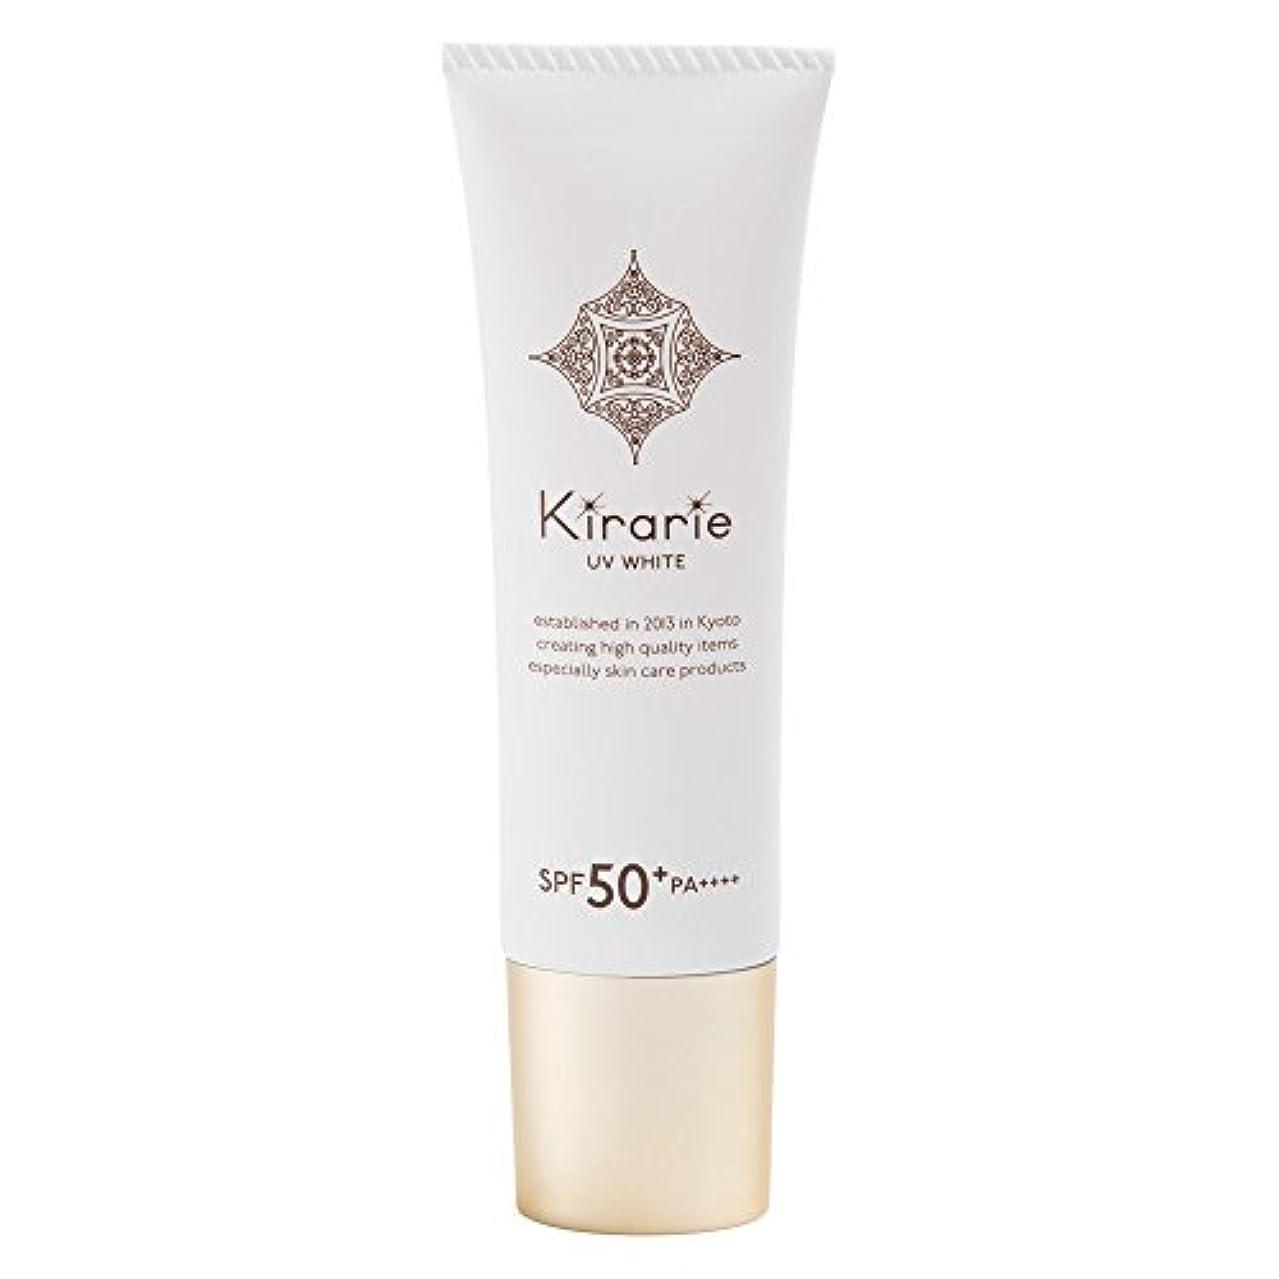 比べる通知もキラリエUVホワイト 25g 日焼け止めクリーム SPF50+プラス PA++++ フォープラス 医薬部外品 薬用美白UVクリーム 化粧下地